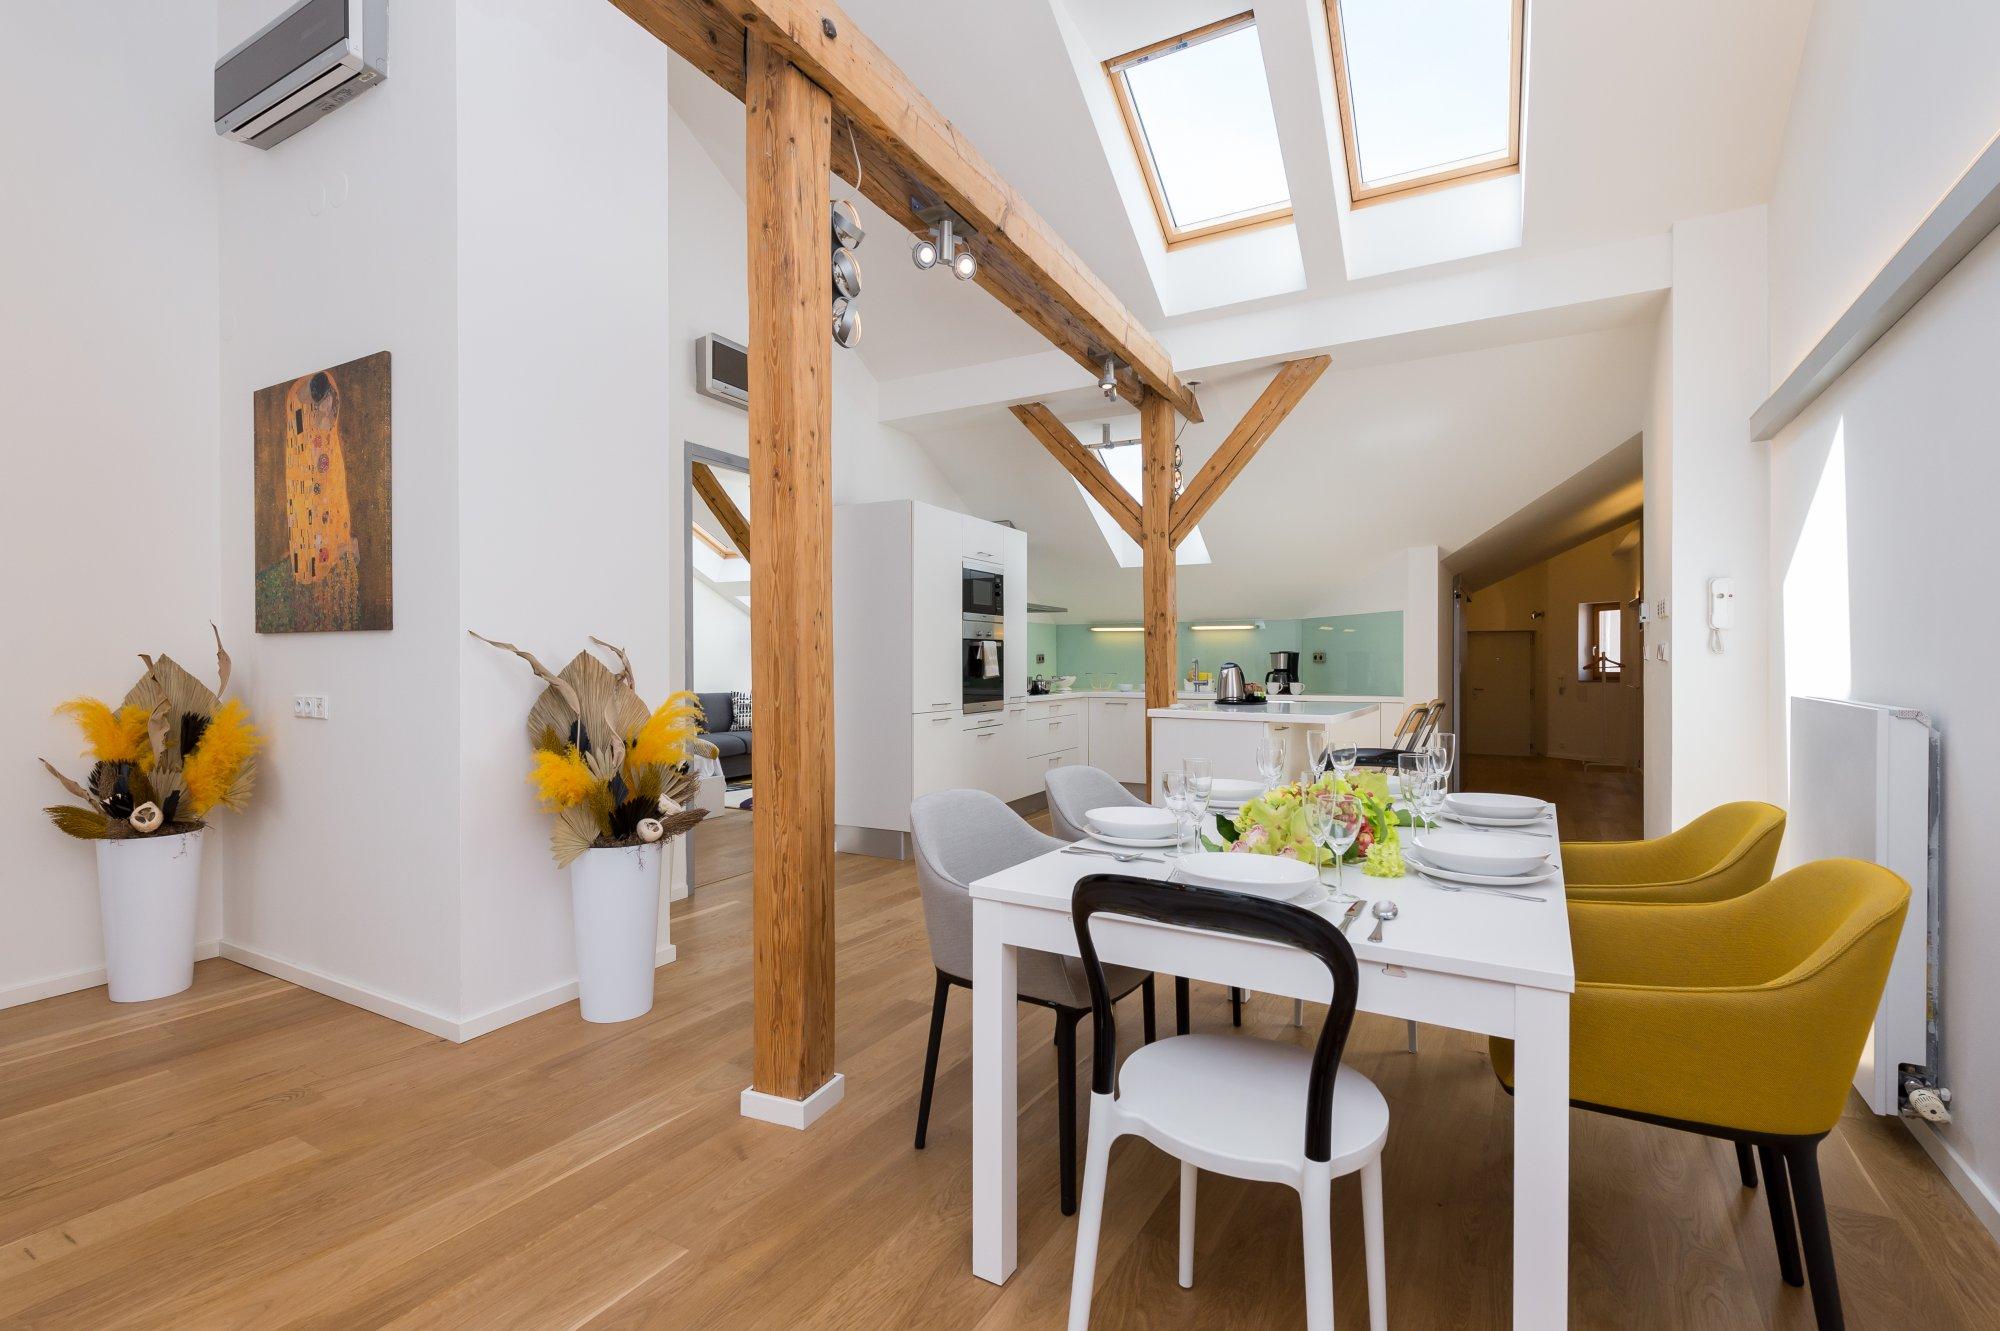 Půdní byt 3+kk, plocha 132 m², ulice Spálená, Praha 1 - Nové Město | 2